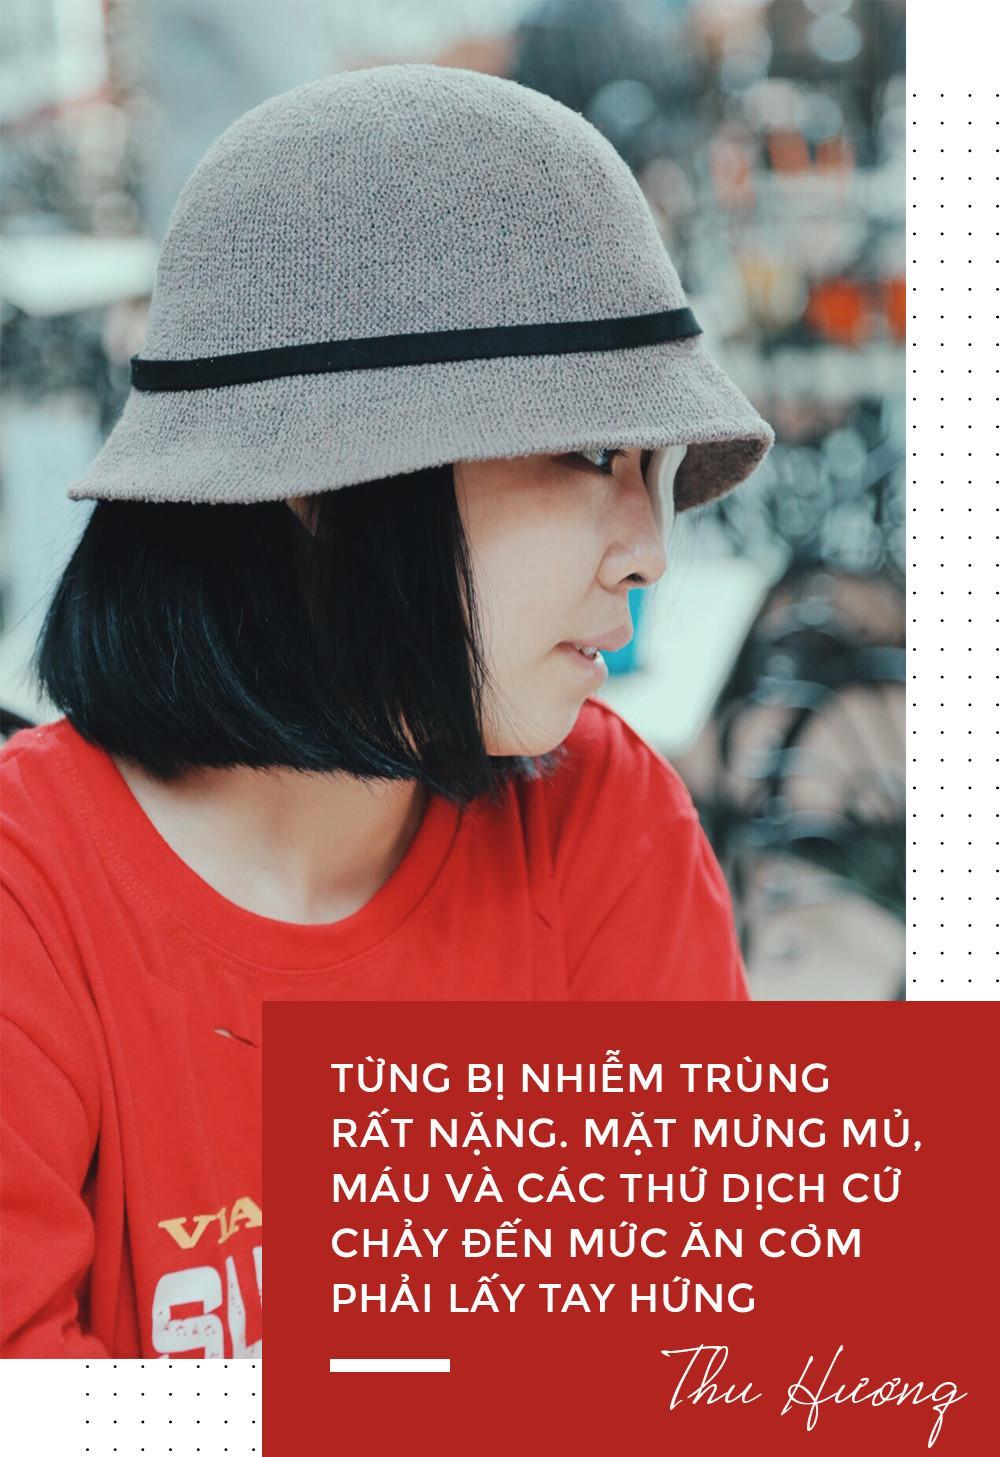 Nữ sinh bị tạt axit ở Sài Gòn: Tình yêu chợt đến khi đời tăm tối nhất!-3